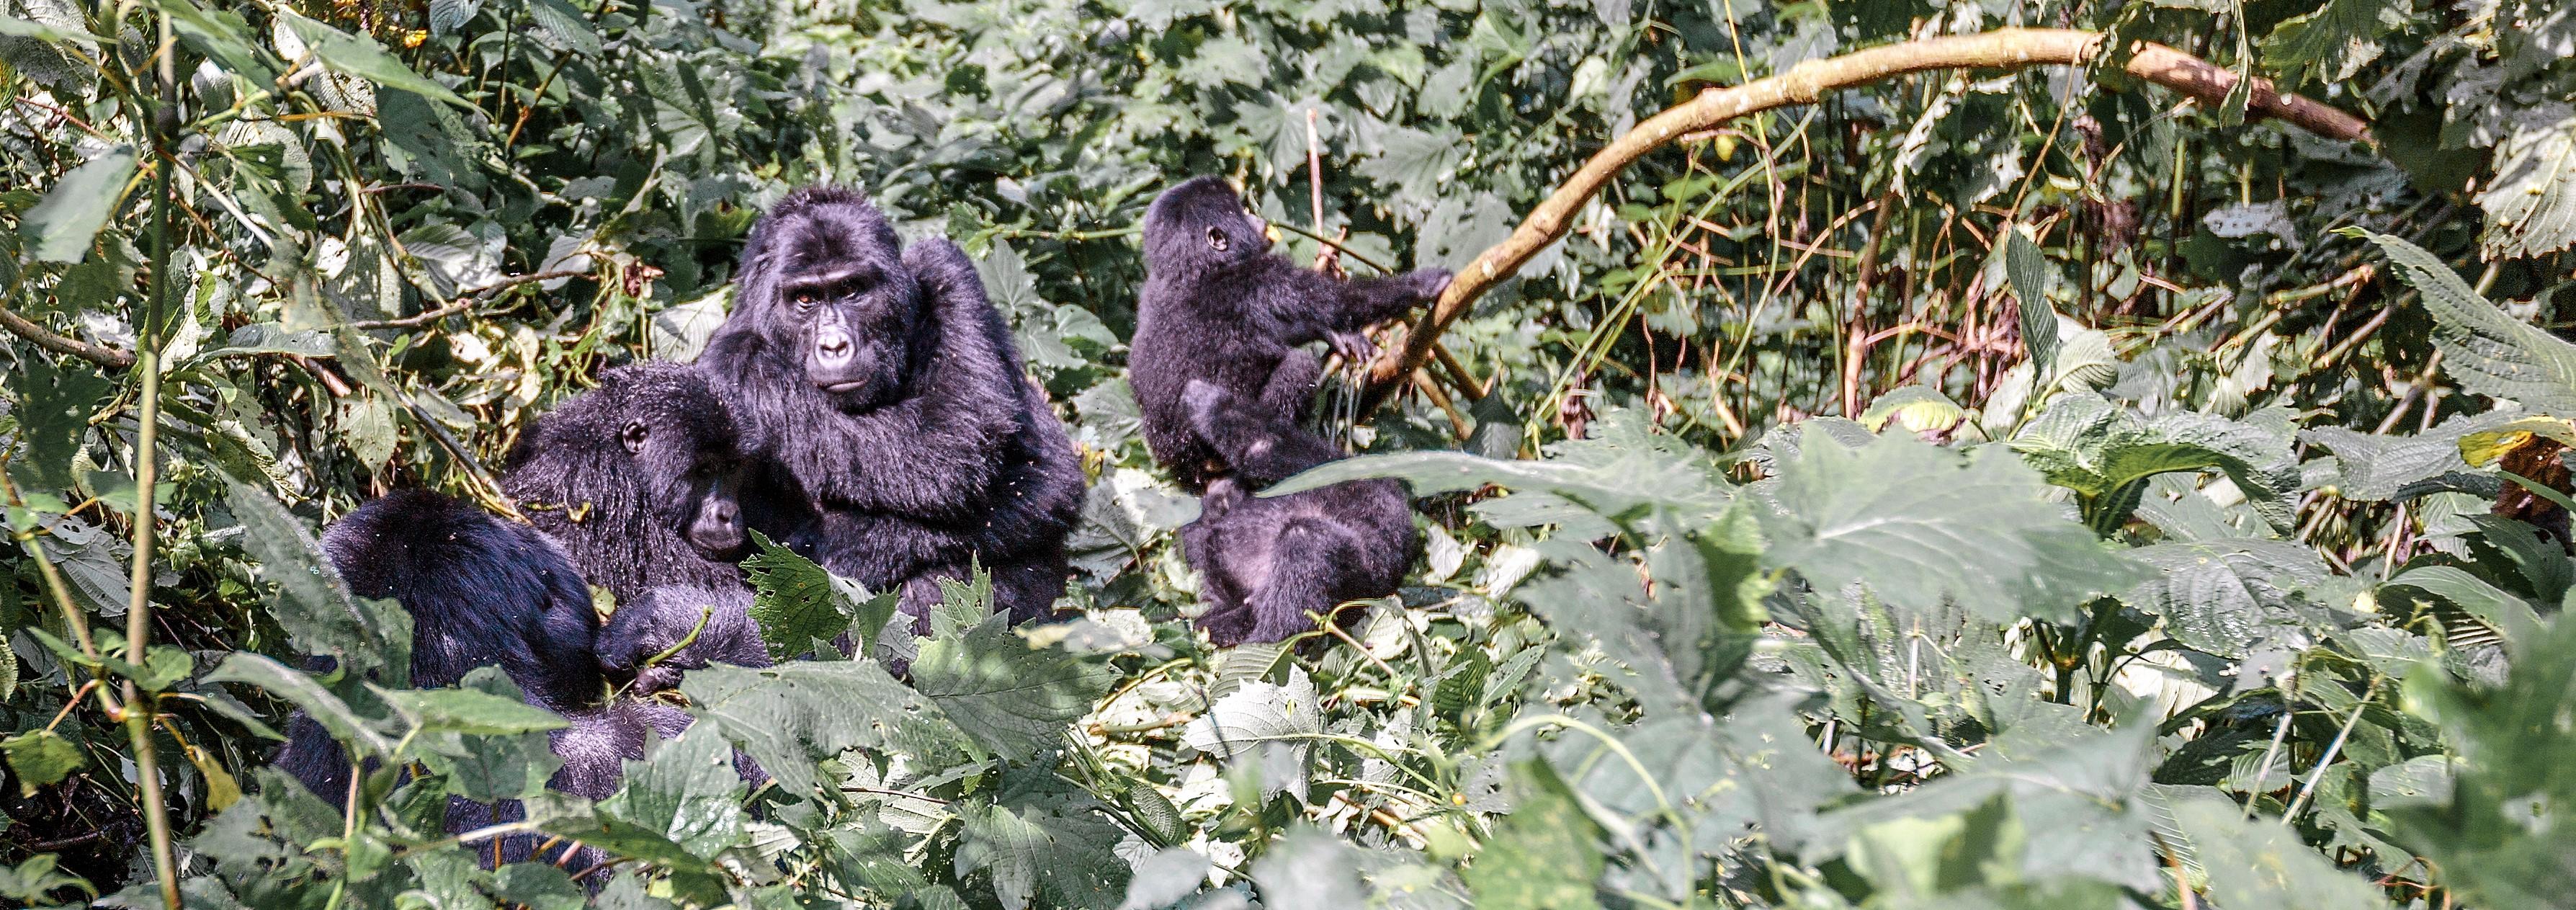 It's All Go For Gorilla Trekking!